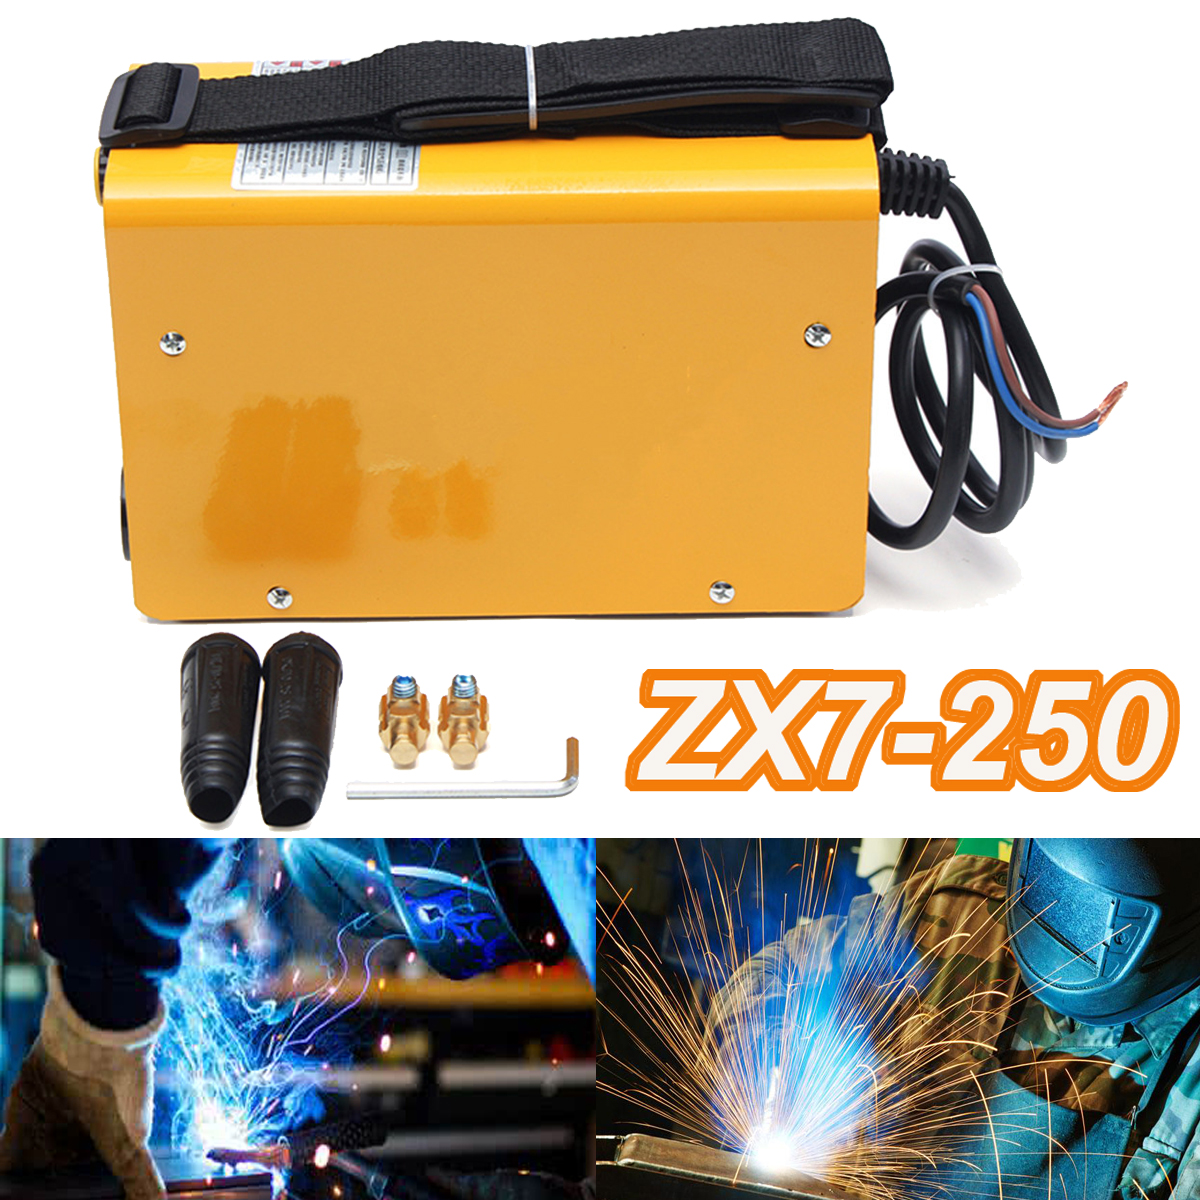 ZX7-250 220 v Mini Máquina De Solda Elétrica Portátil 40 w 20-250A IGBT Inversor de Solda De Solda Ferramenta de Soldagem a ARCO de Trabalho